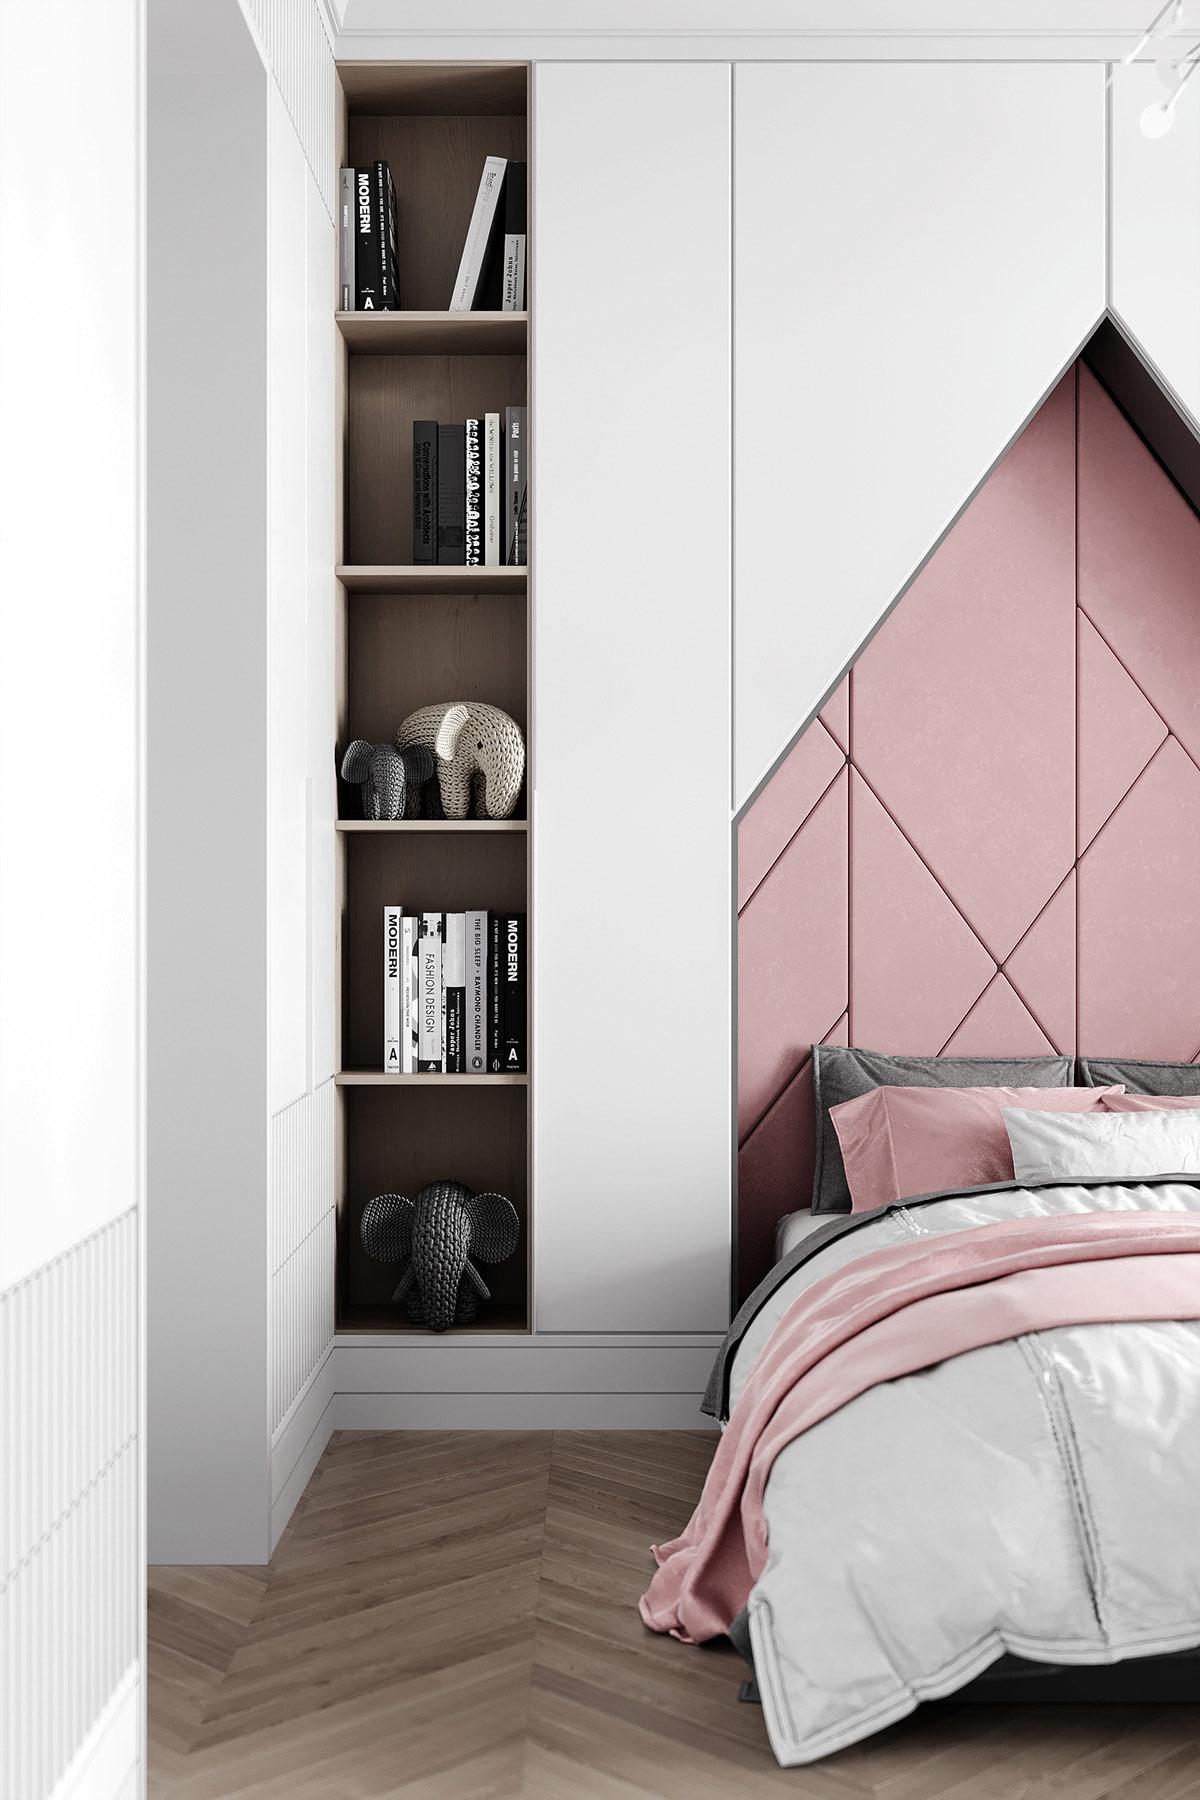 灰色新古典主义风格家居设计